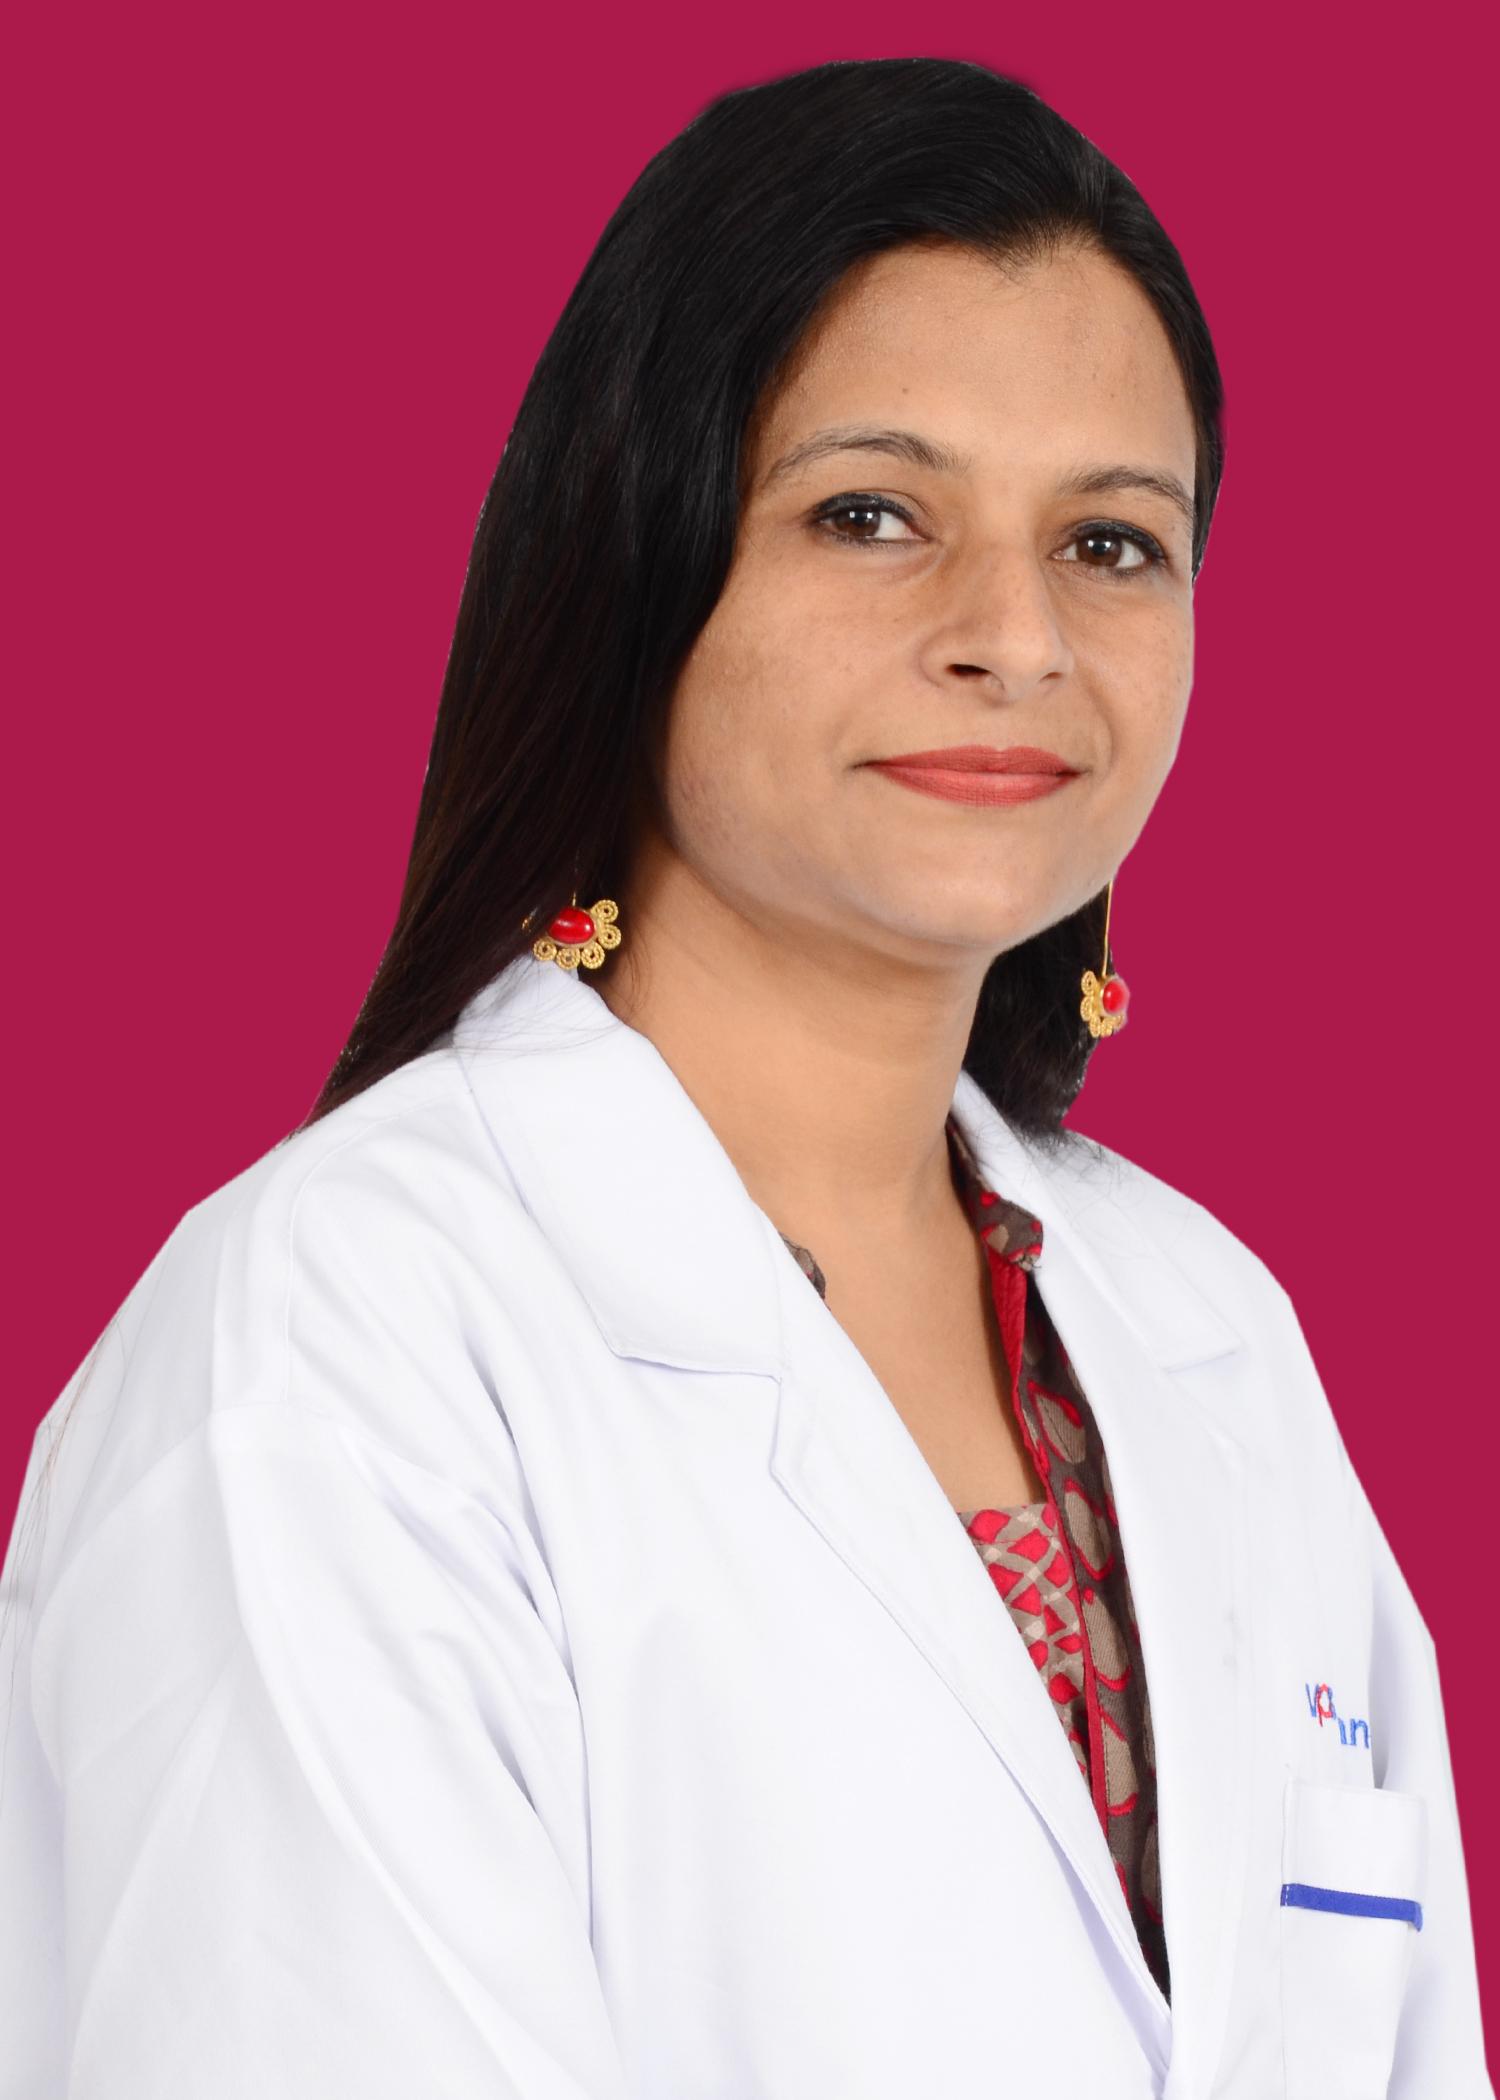 DR PRITI MISHRA